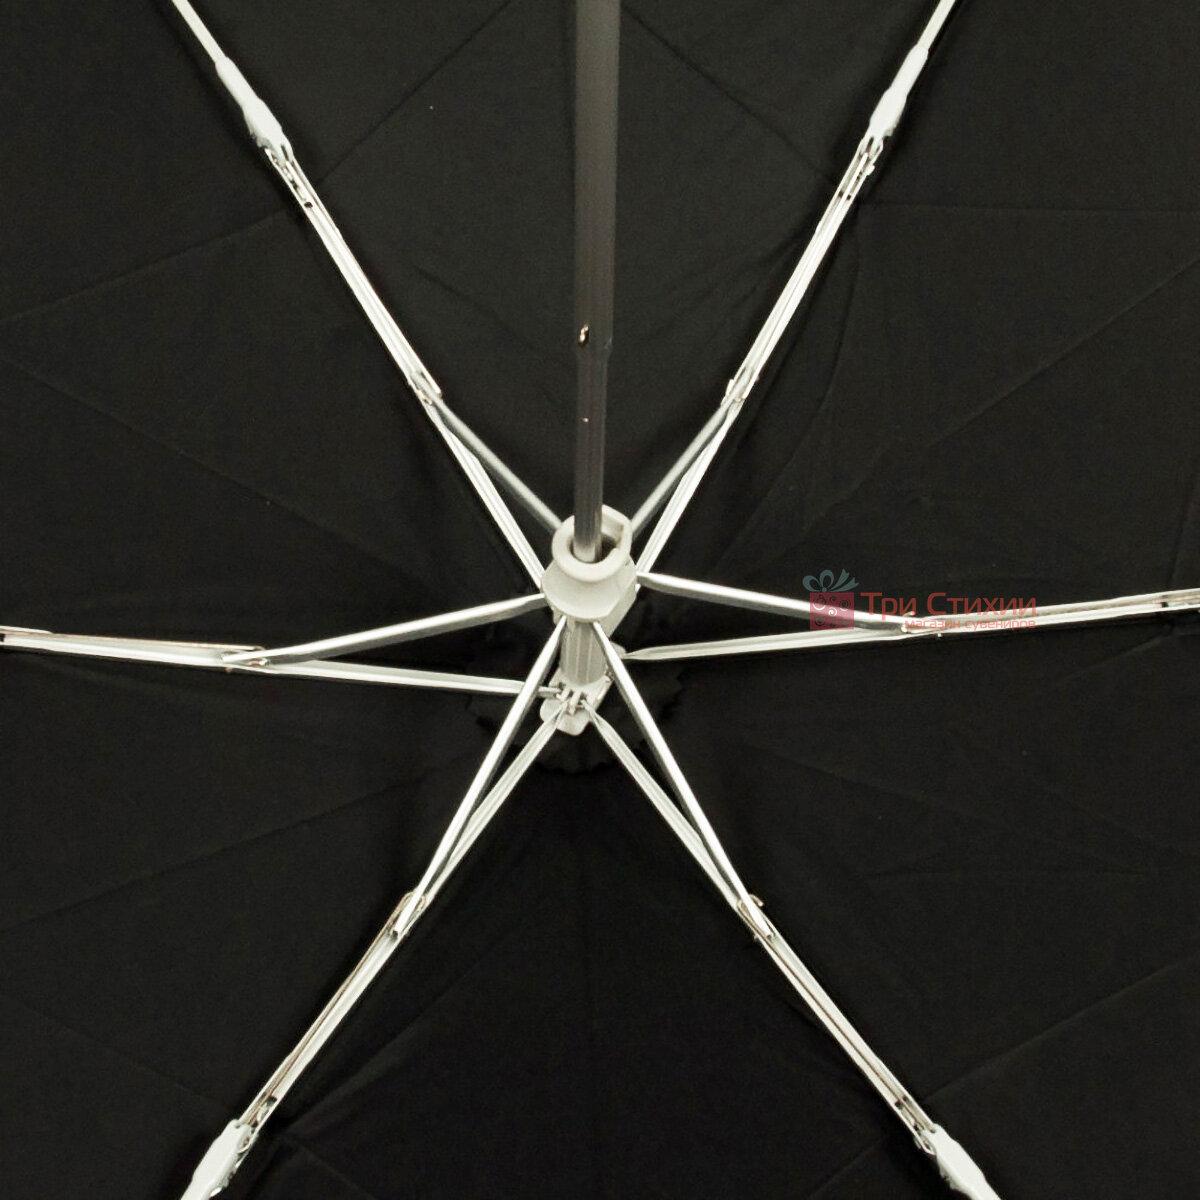 Зонт складной Fulton Ultralite-1 L349 механический  Черный (L349-000410), фото 6